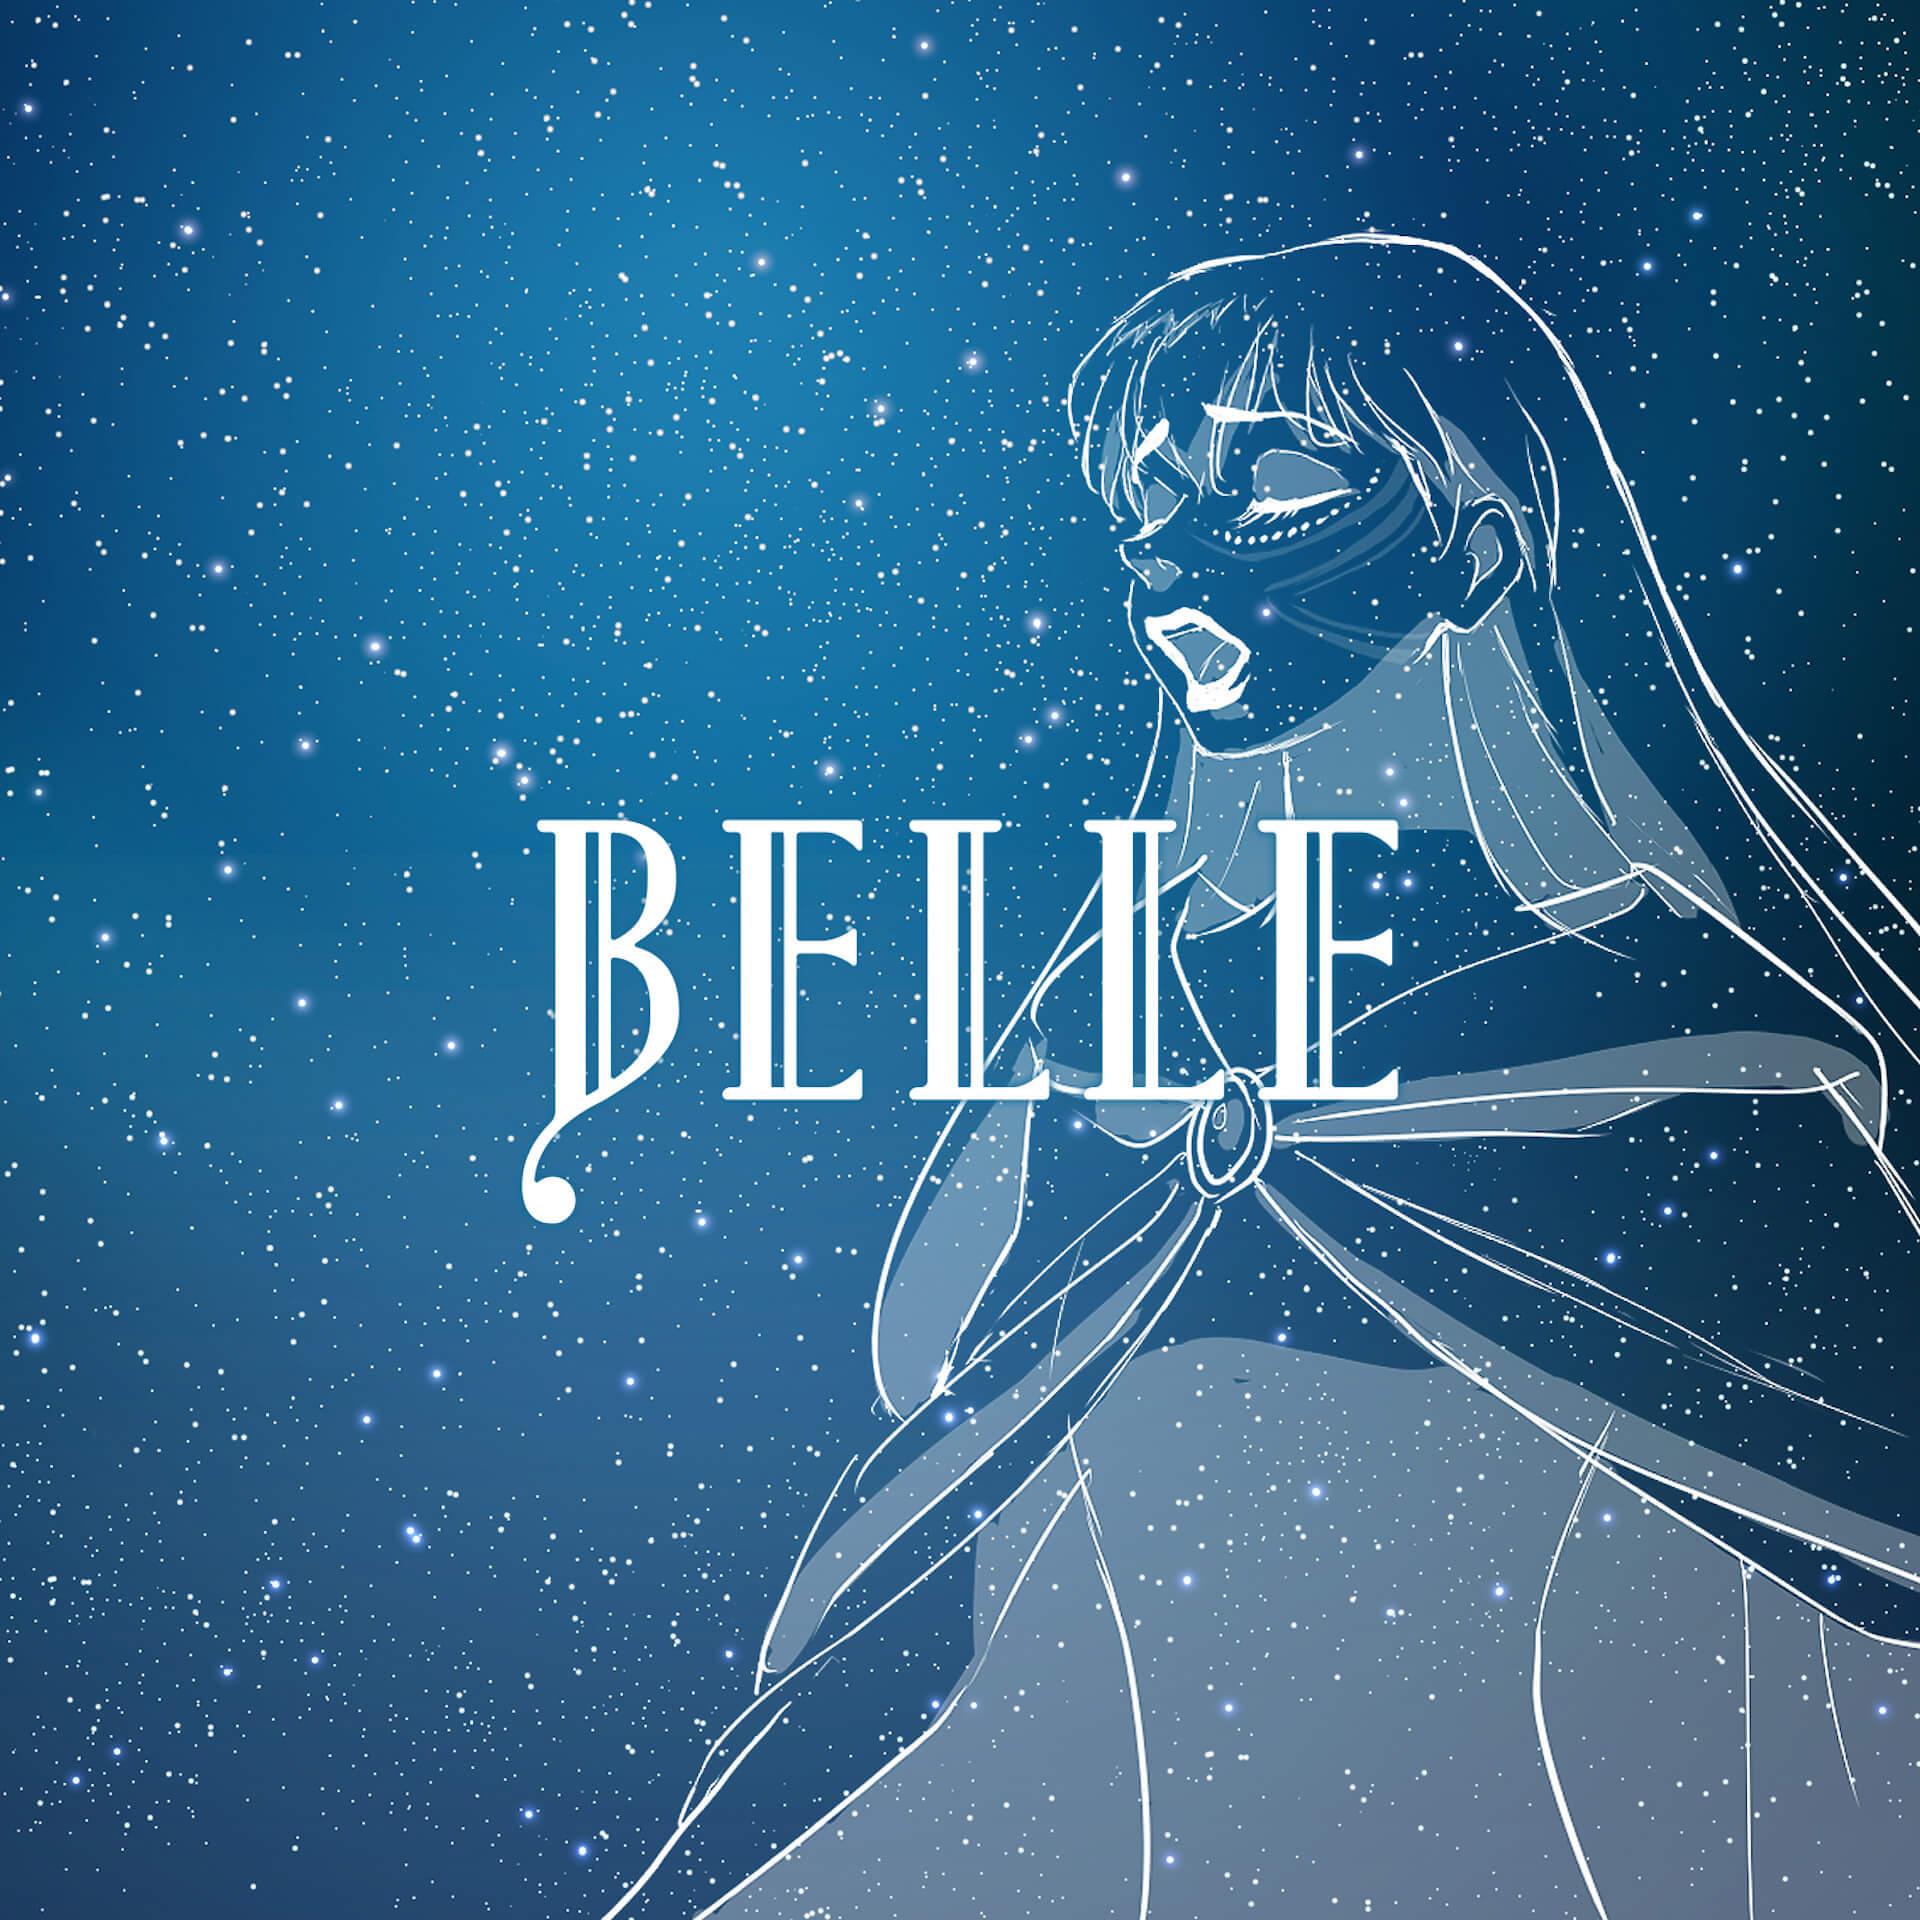 """『竜とそばかすの姫』でBelleを演じる中村佳穂による劇中歌""""歌よ""""が先行配信スタート!MVも同時公開 music210716_belle_millenniumparade_4"""